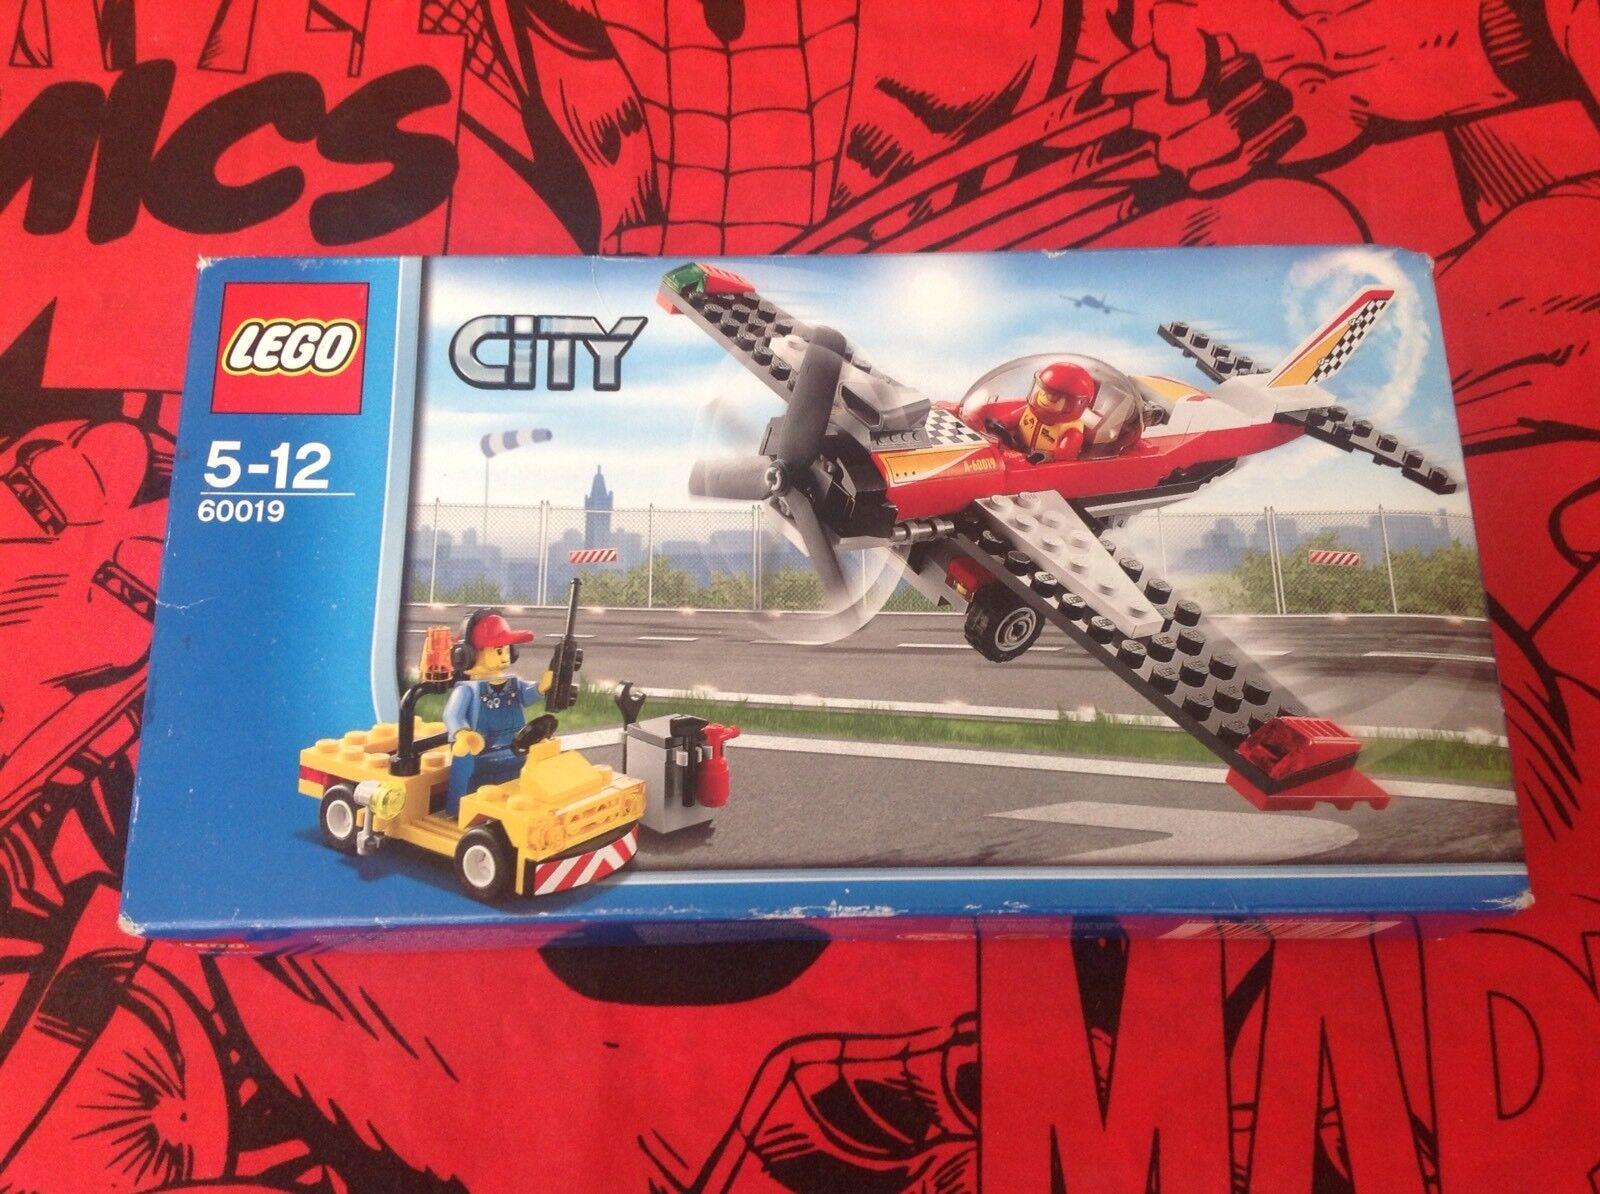 Lego City Stunt Stunt Stunt avión Conjunto de Juego 60019-Nuevo Y Sellado-caja está desgastada-ver imágenes b2e9bd